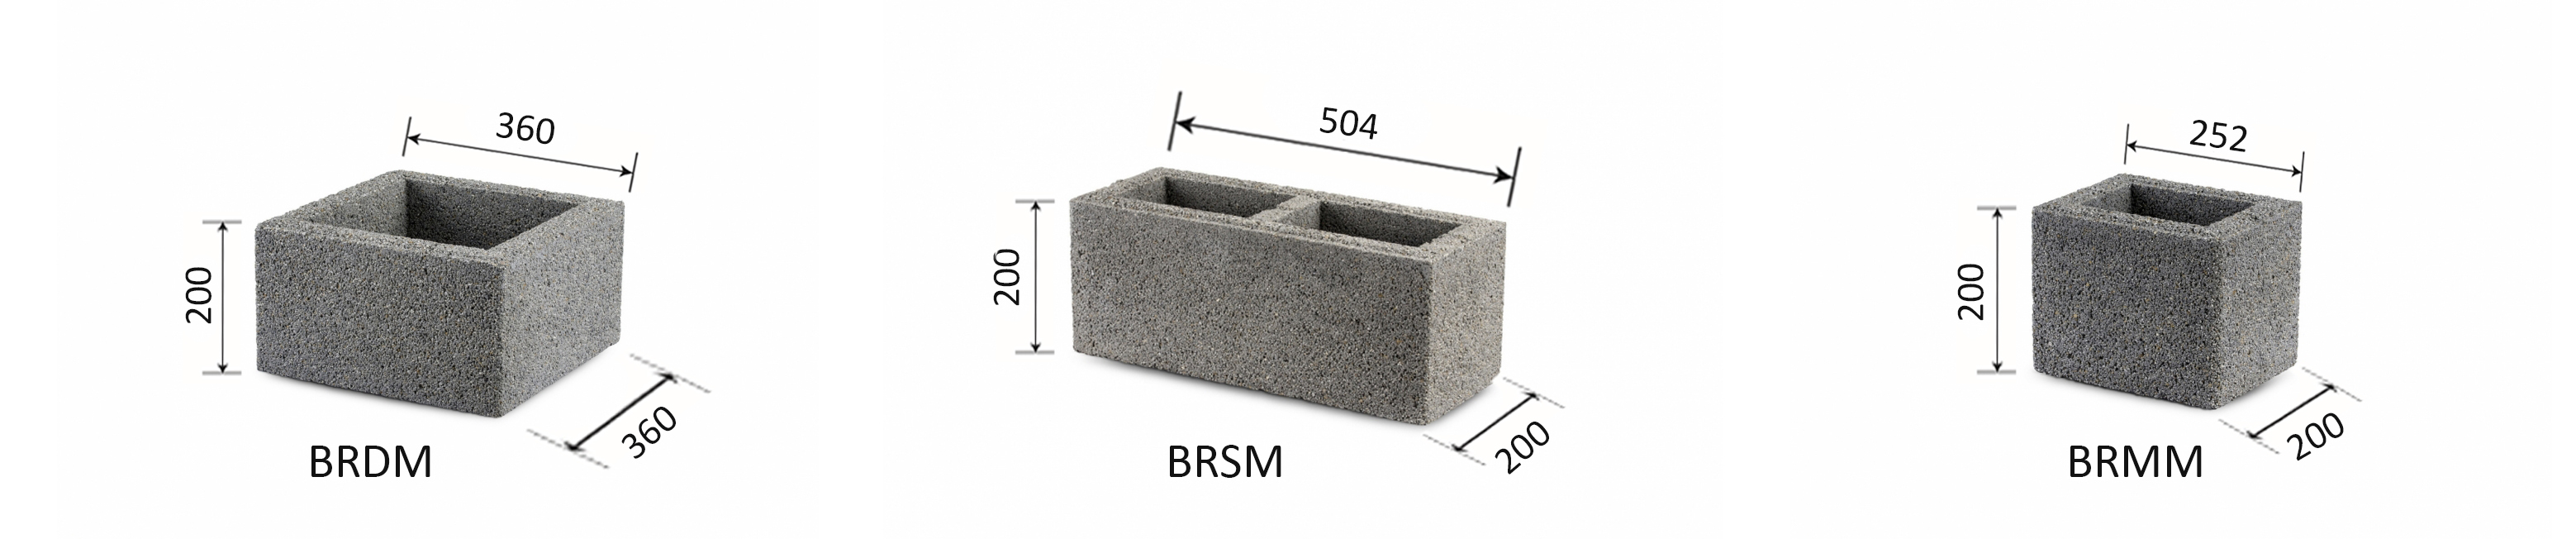 Mur av block RO